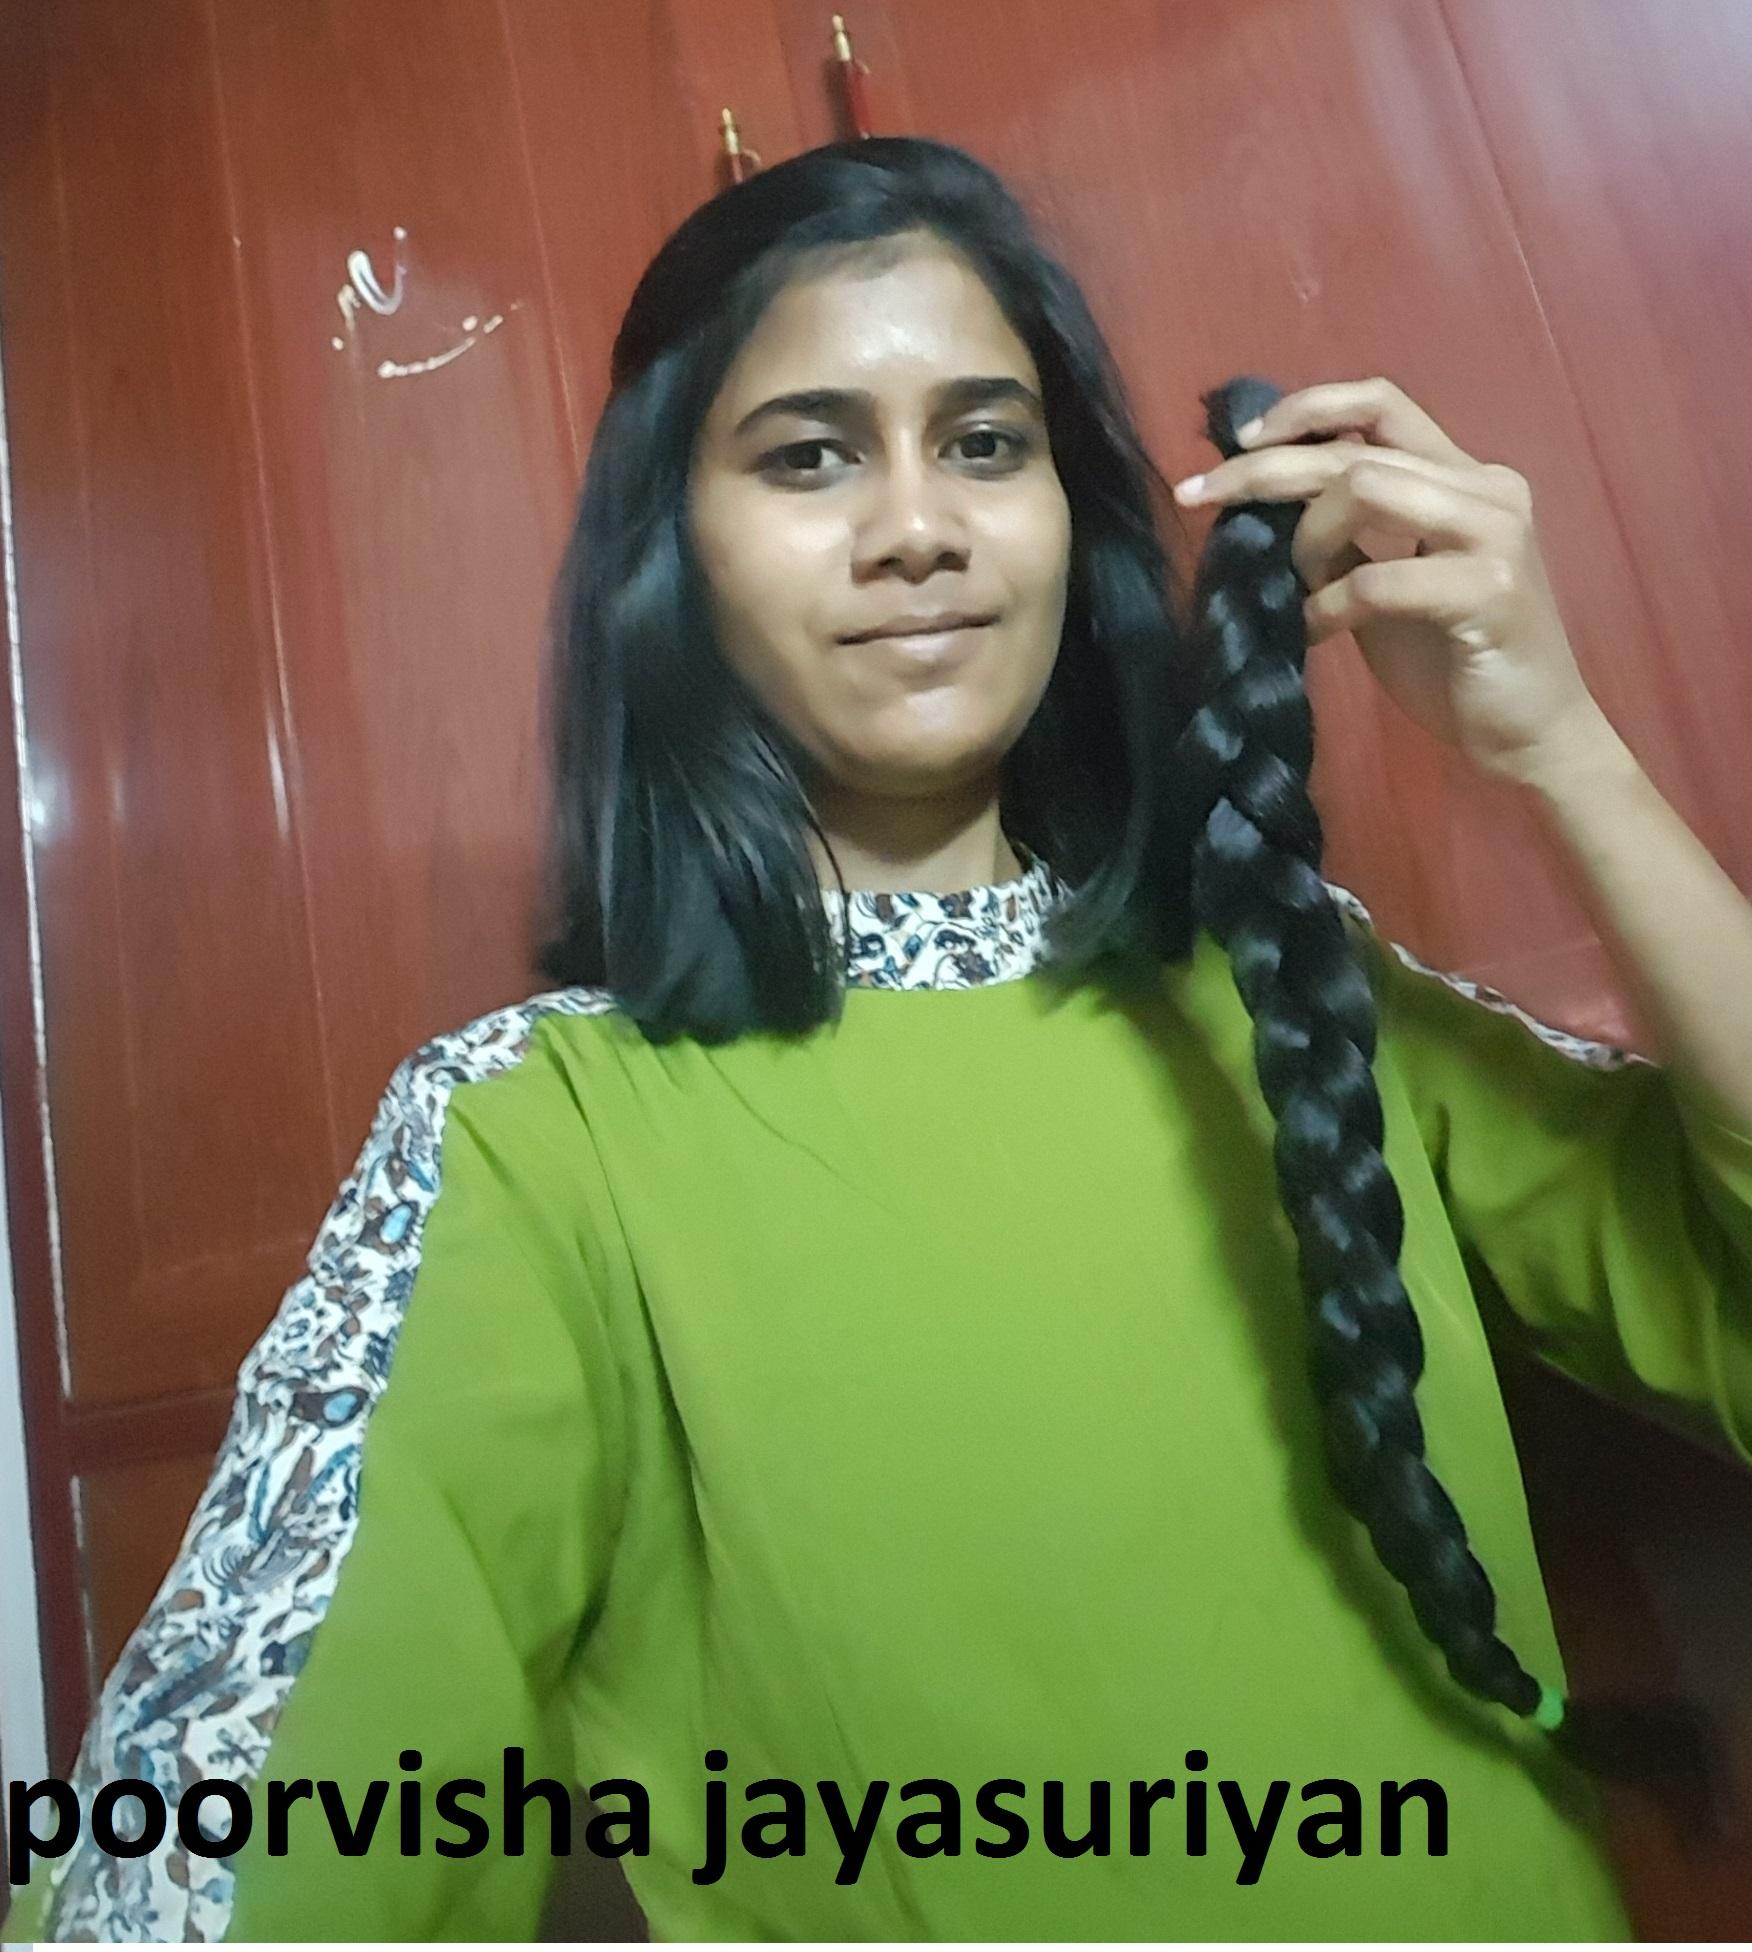 poorvisha jayasuriyan